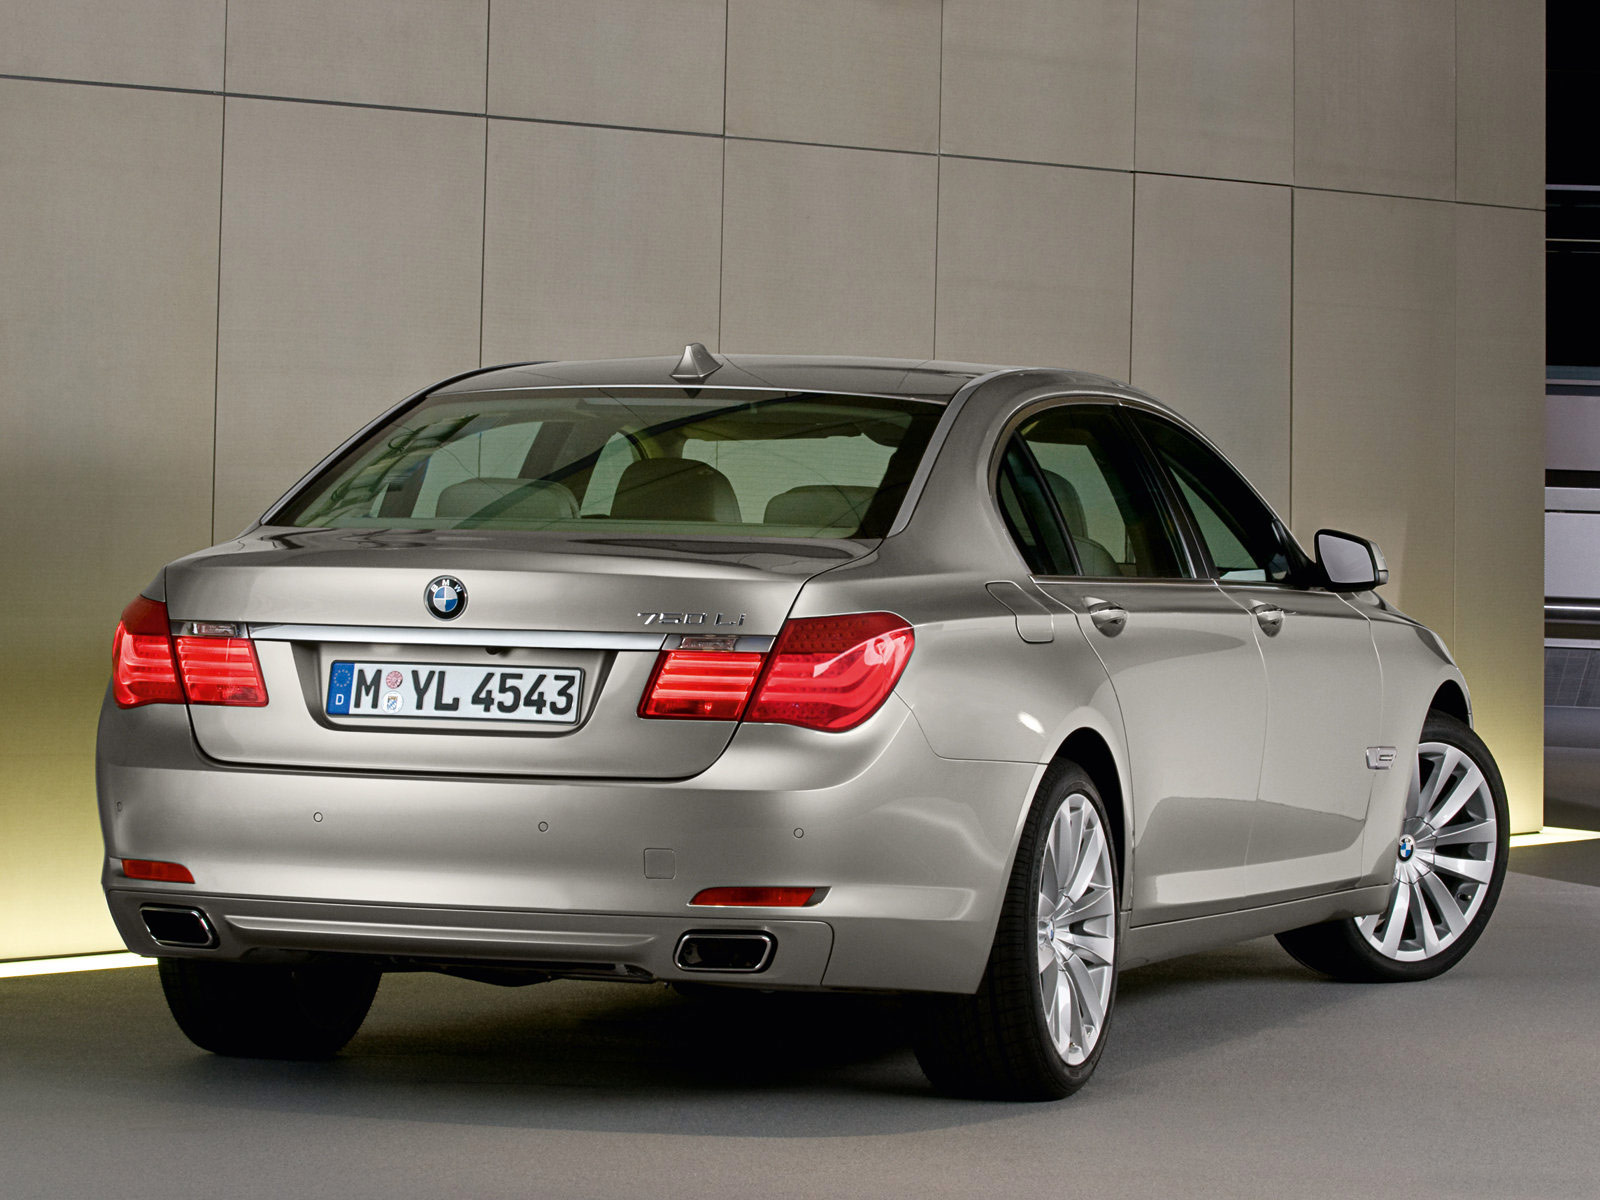 2009 BMW 7-Series | Gambar Mobil BMW